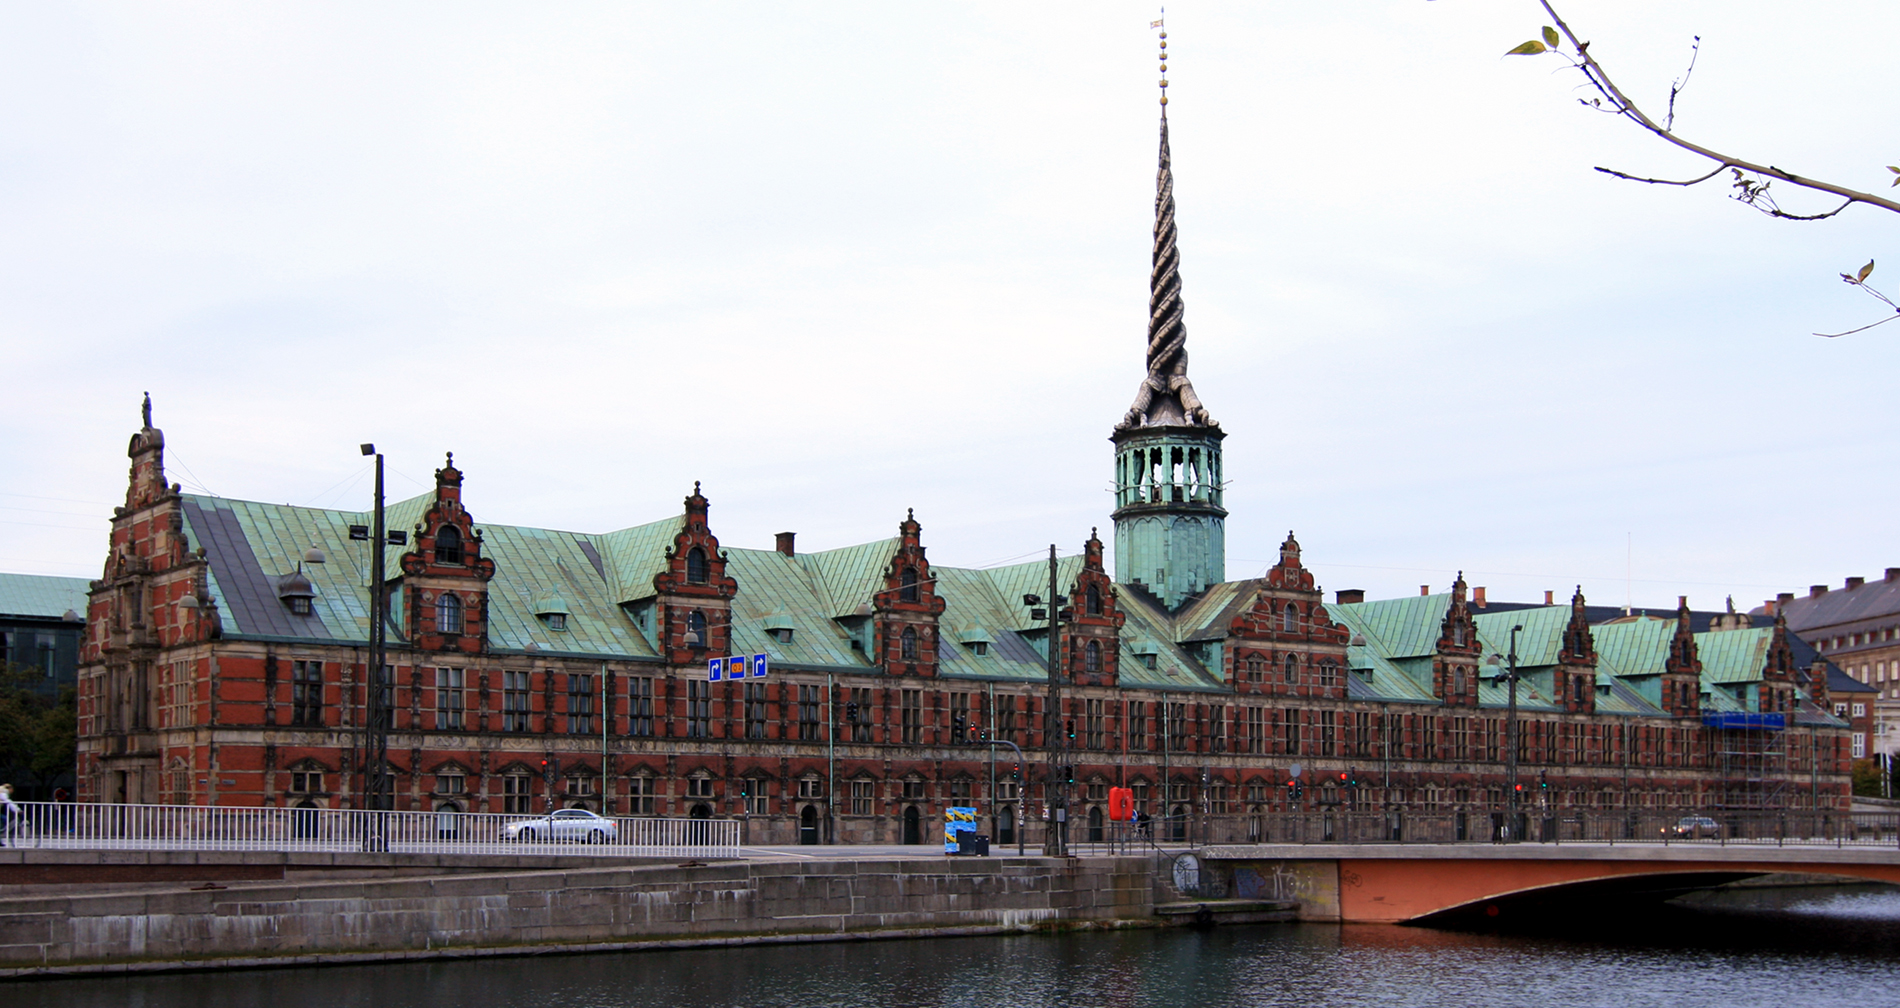 bordeller i København city swiggers